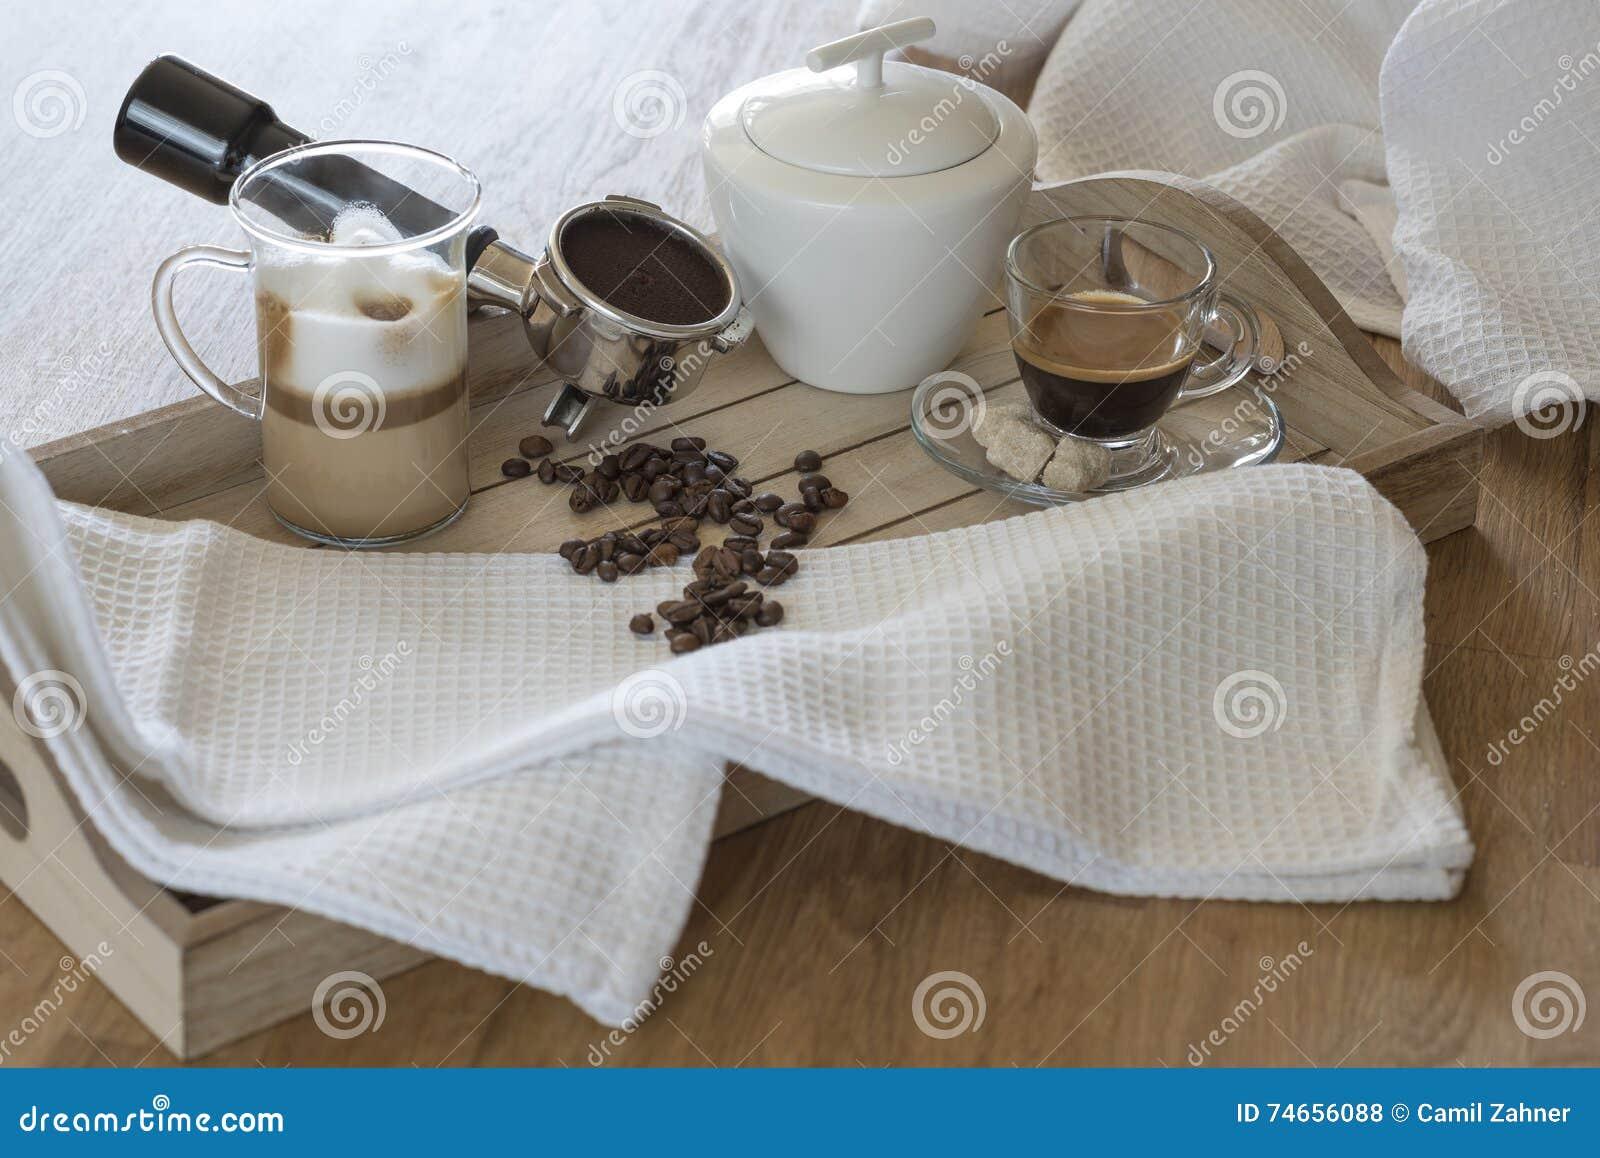 Vassoi In Legno Con Vetro : Vassoio di legno con vetro del macchiato e del caffè espresso del